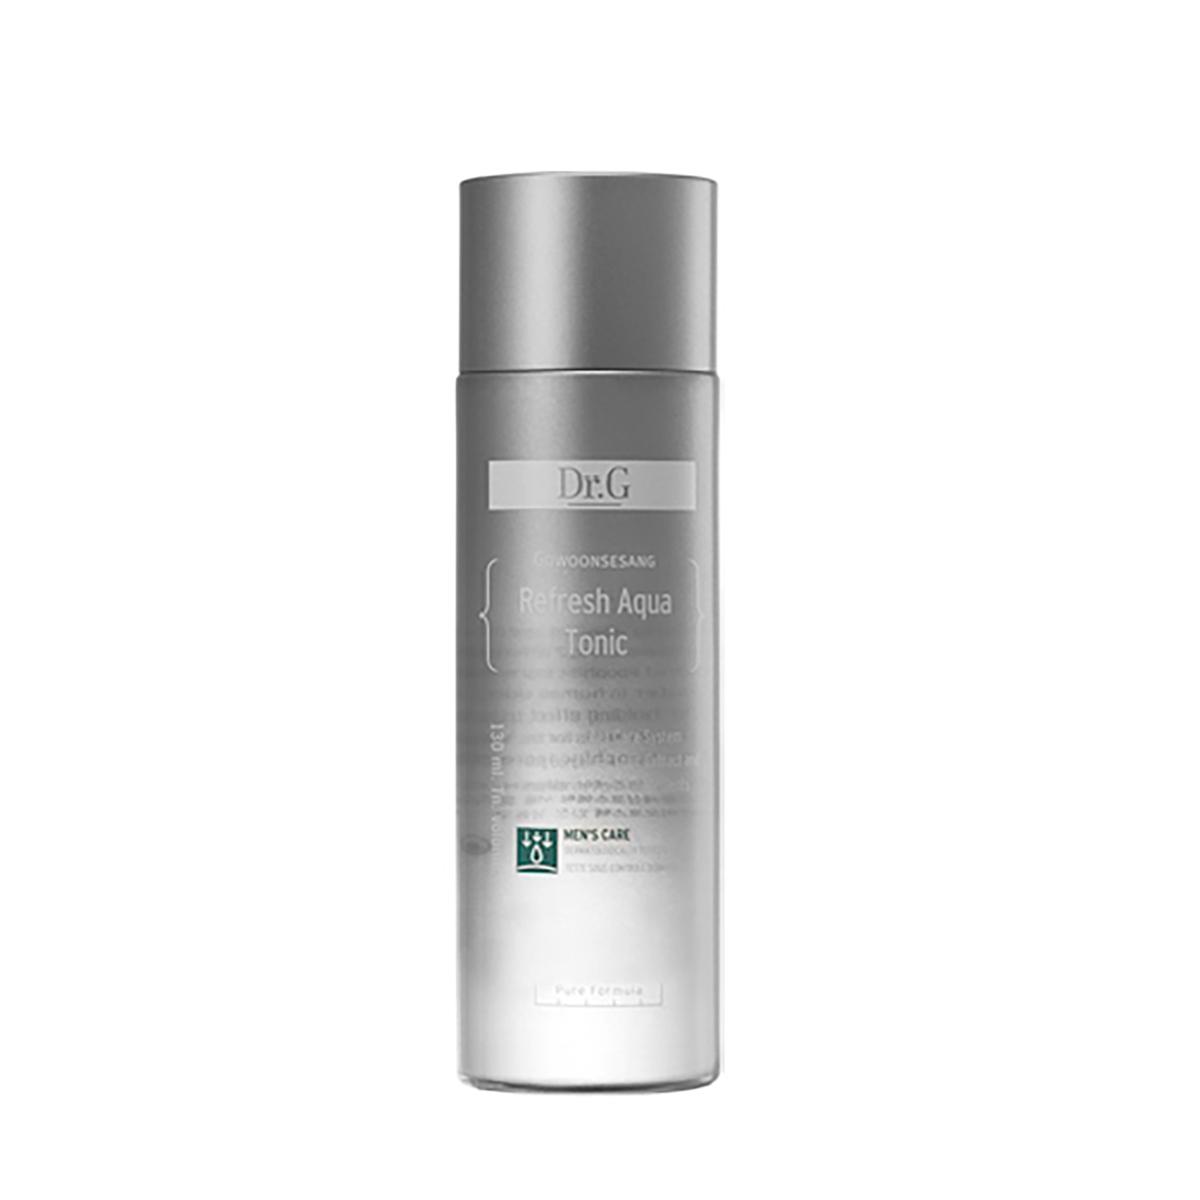 Dr. G Тоник освежающий увлажняющий для мужчин Mans Care Refresh Aqua Tonic, 130 млDG139118Увлажняющее средство с седативным эффектом для поддержания комфорта кожи, избавления от сухости и тусклости. Тоник насыщает мужскую кожу жизненной энергией. Сужает поры, способствует освобождению и балансировке протока сальной железы. Средство содержит комплекс Aqua Marine, который питает кожу макро- и микроэлементами, улучшая тонус, эластичность и упругость. Комплекс состоит из ледниковой воды, ледникового молока, экстракта атлантических водорослей, экстракта морских водорослей, морского коллагена. Ледниковая вода мгновенно освежает. Экстракт атлантических водорослей усиливает синтез коллагена и оказывает анти-эйдж эффект. Экстракт морских водорослей прекрасный увлажнитель, улучшает микроциркуляцию, убирает излишки жира. Дополнительные растительные экстракты представлены экстрактом бергамота, олиго-пептидами и бета-глюканом. Бергамот очищает кожу от акне. Олиго-пептиды подтягивают, убирают красноту, шелушение. Походит для всех типов кожи, особенно для грубой и сухой.